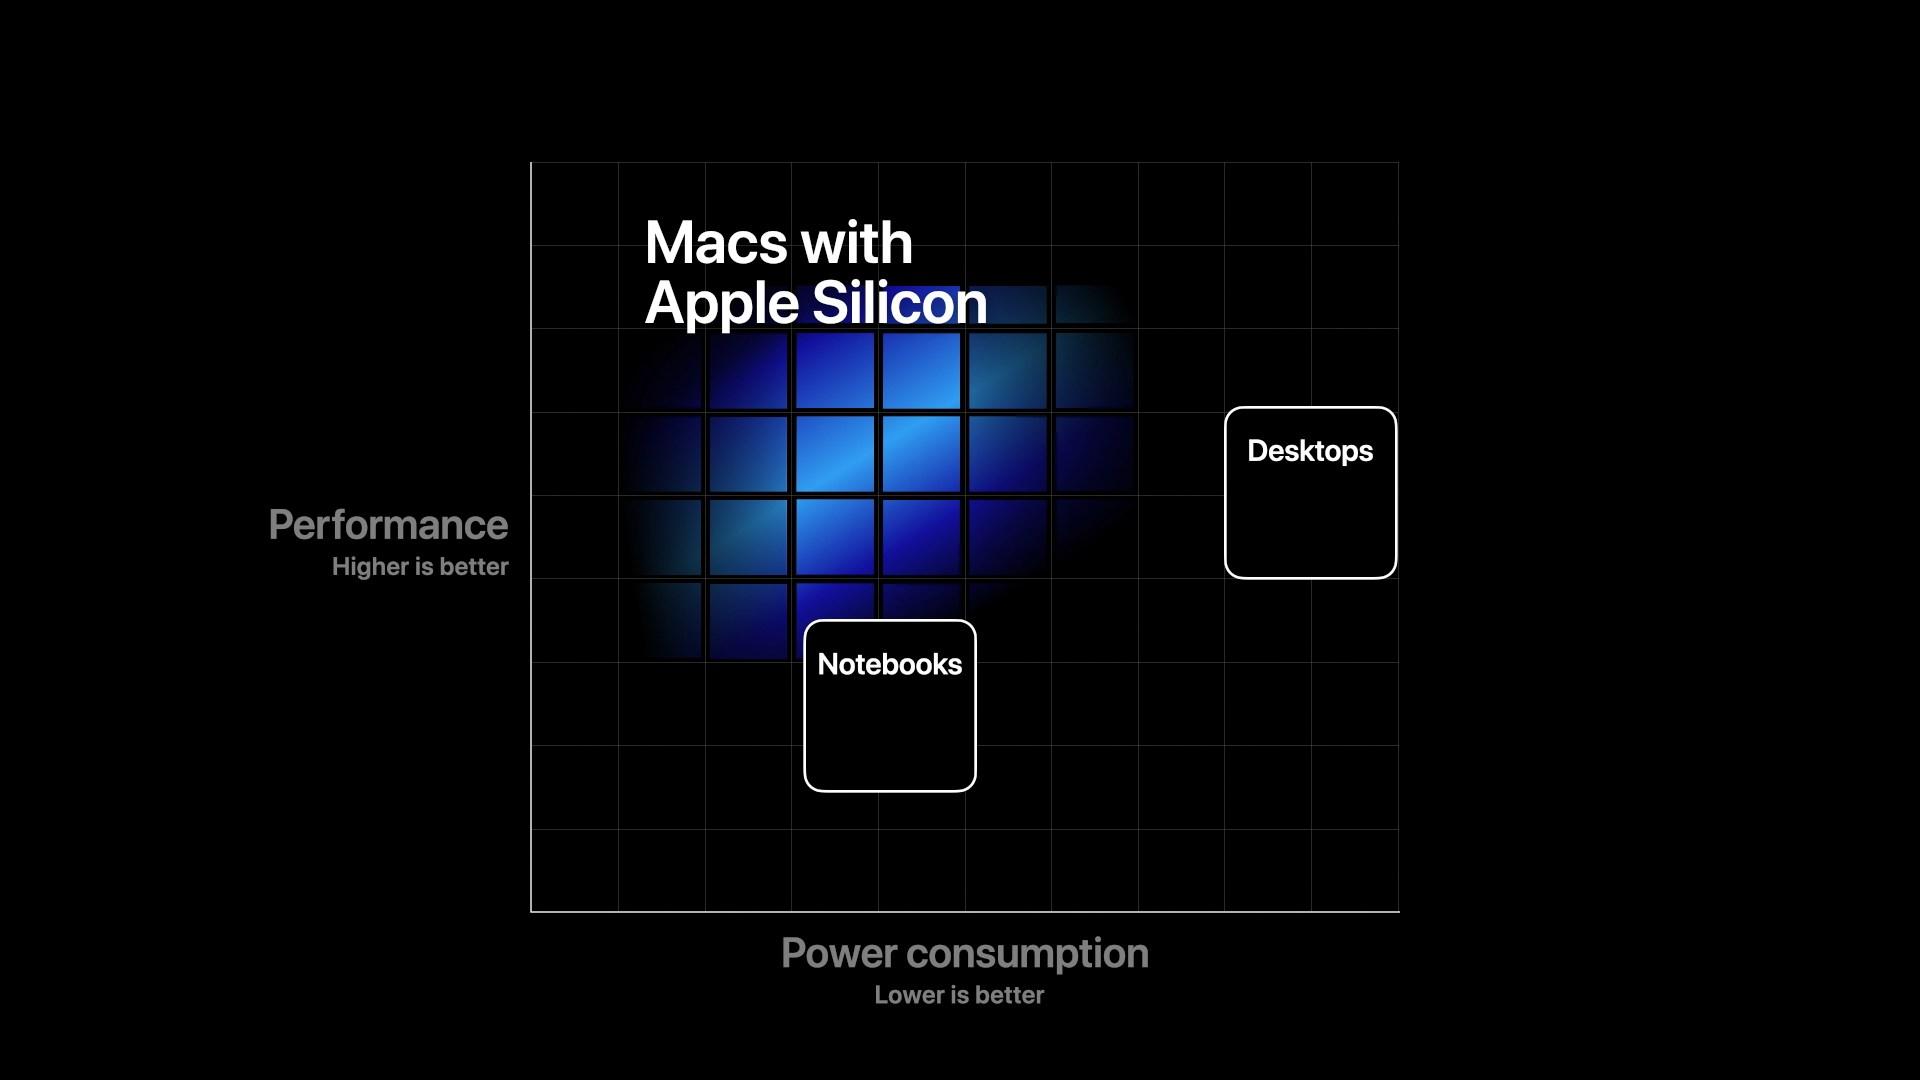 照片中提到了Macs with、Apple Silicon、Desktops,包含了蘋果矽、2020蘋果全球開發者大會、蘋果移動應用處理器、蘋果、蘋果機